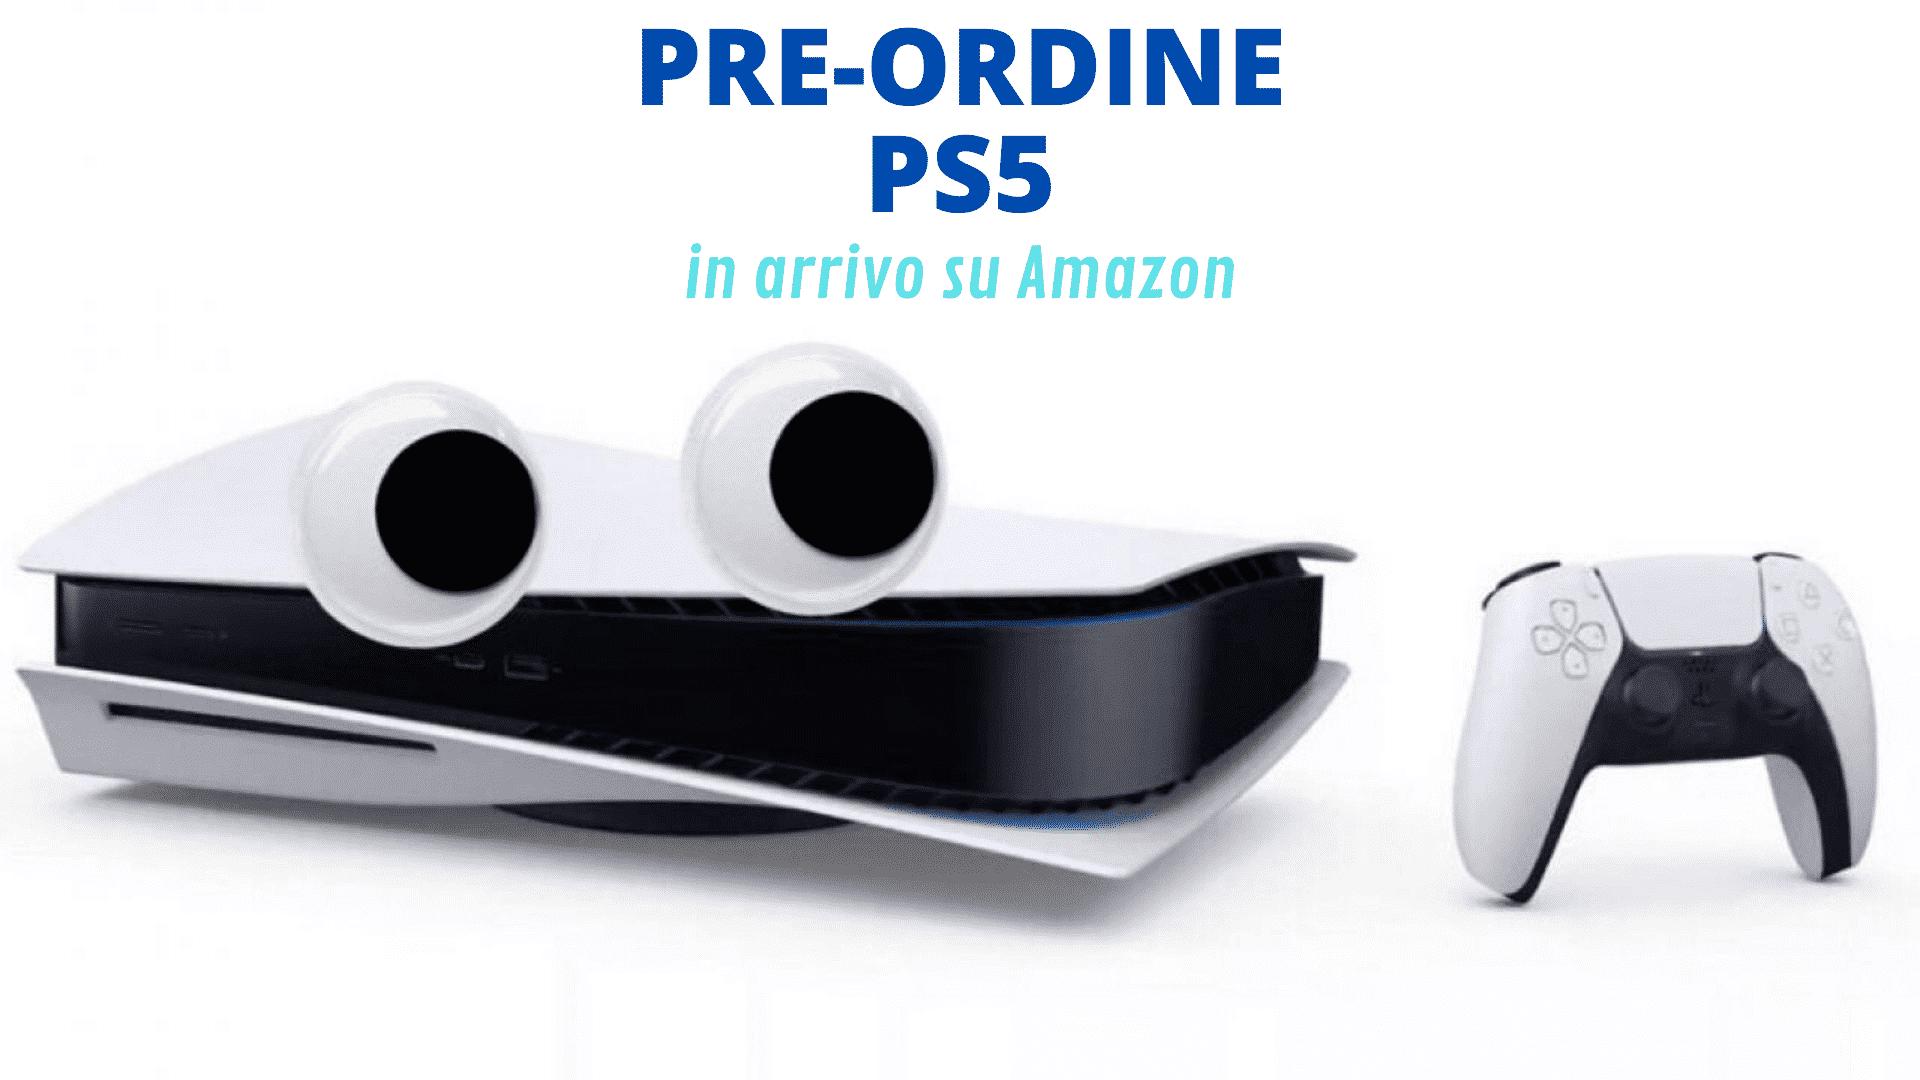 Preordine PS5 su Amazon